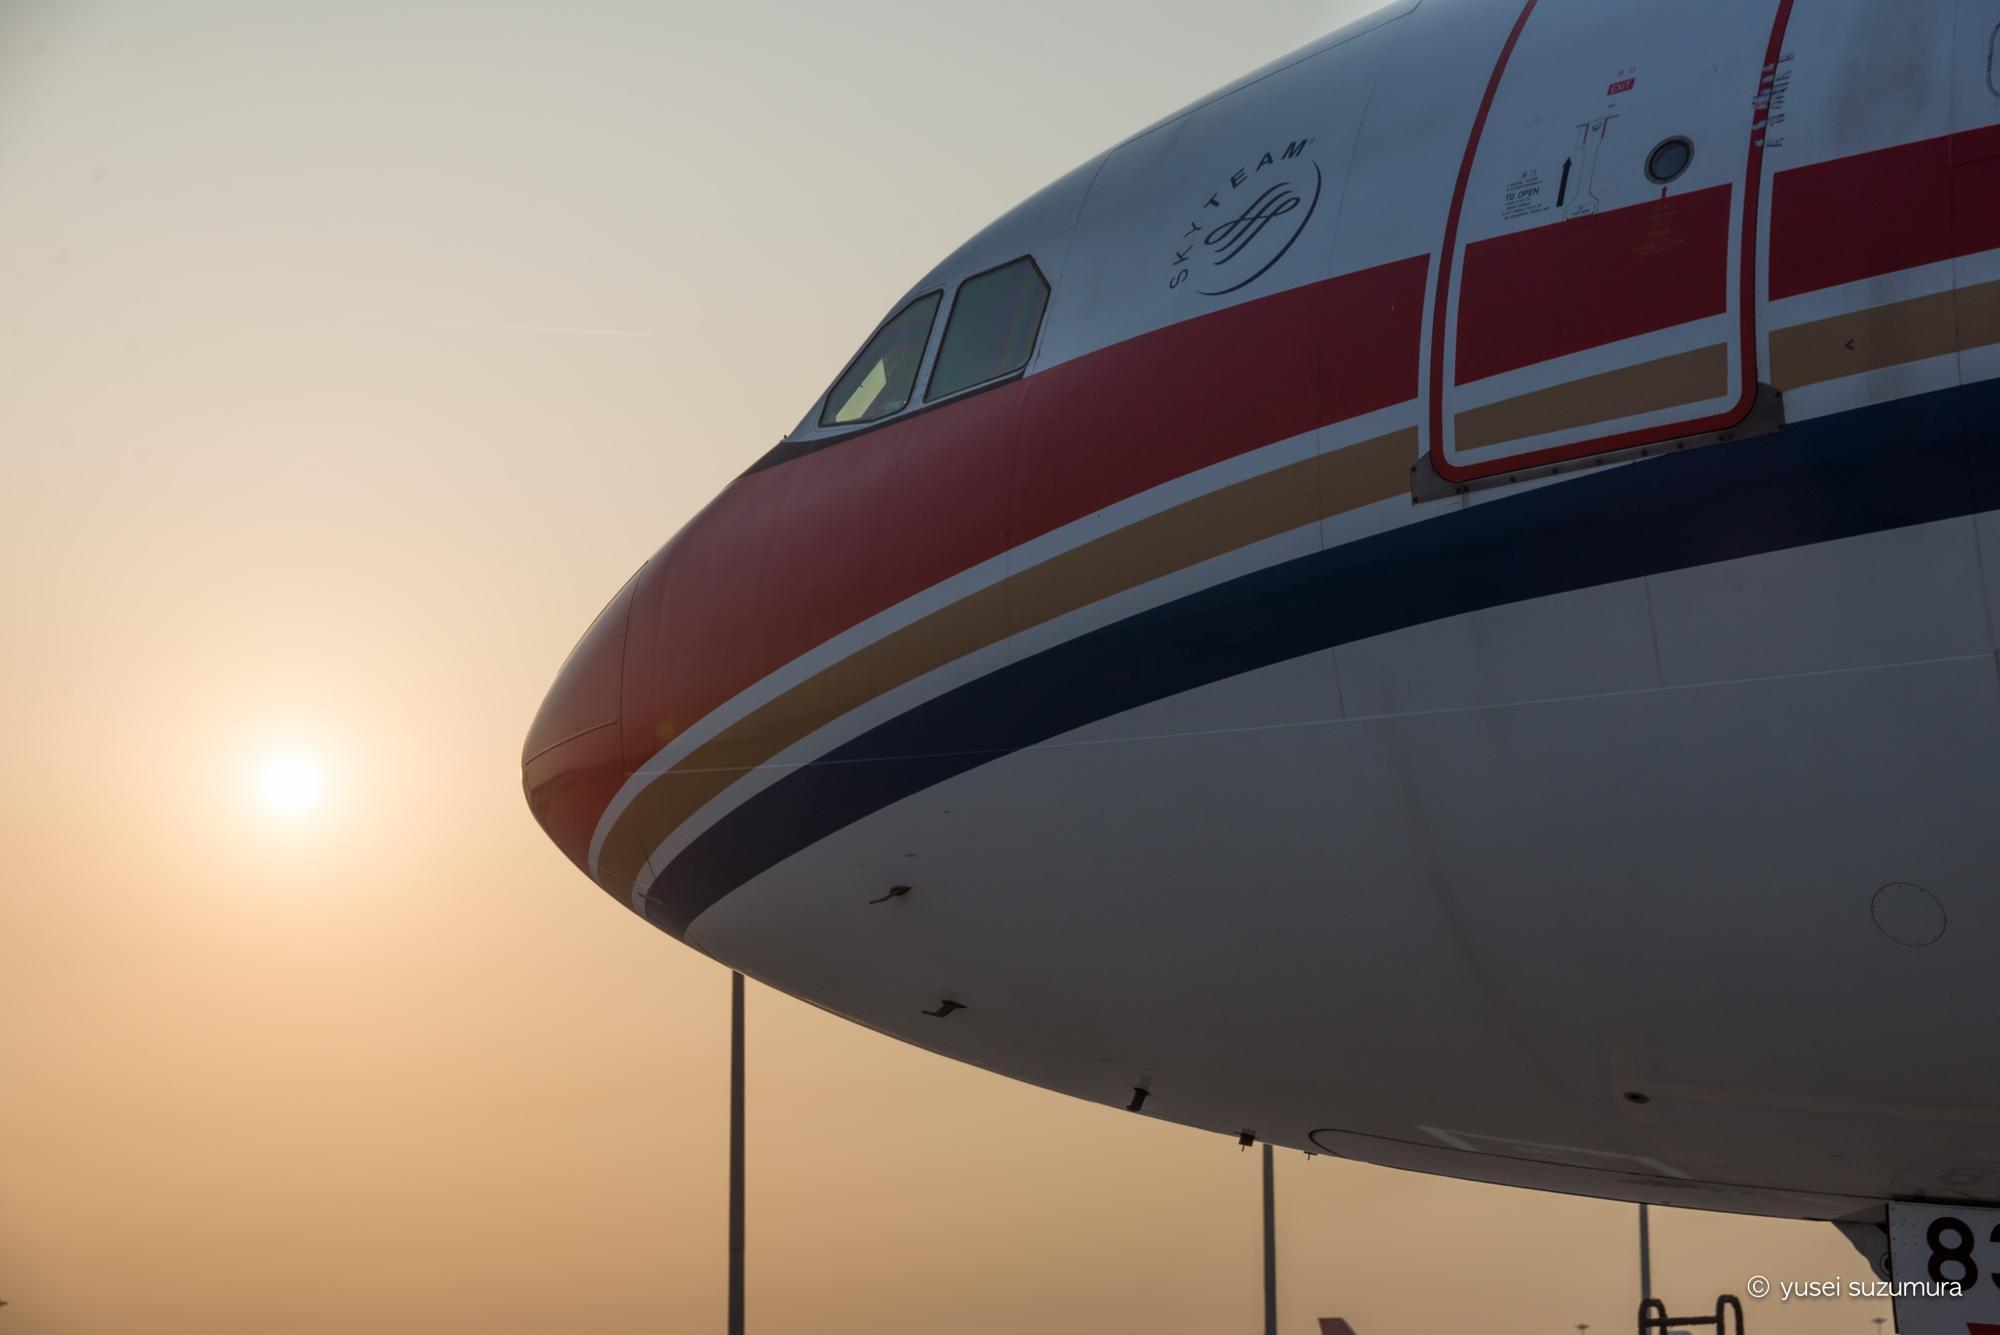 中国東方航空で飛行遅延&ロストバゲッジするとどうなるか教えよう。